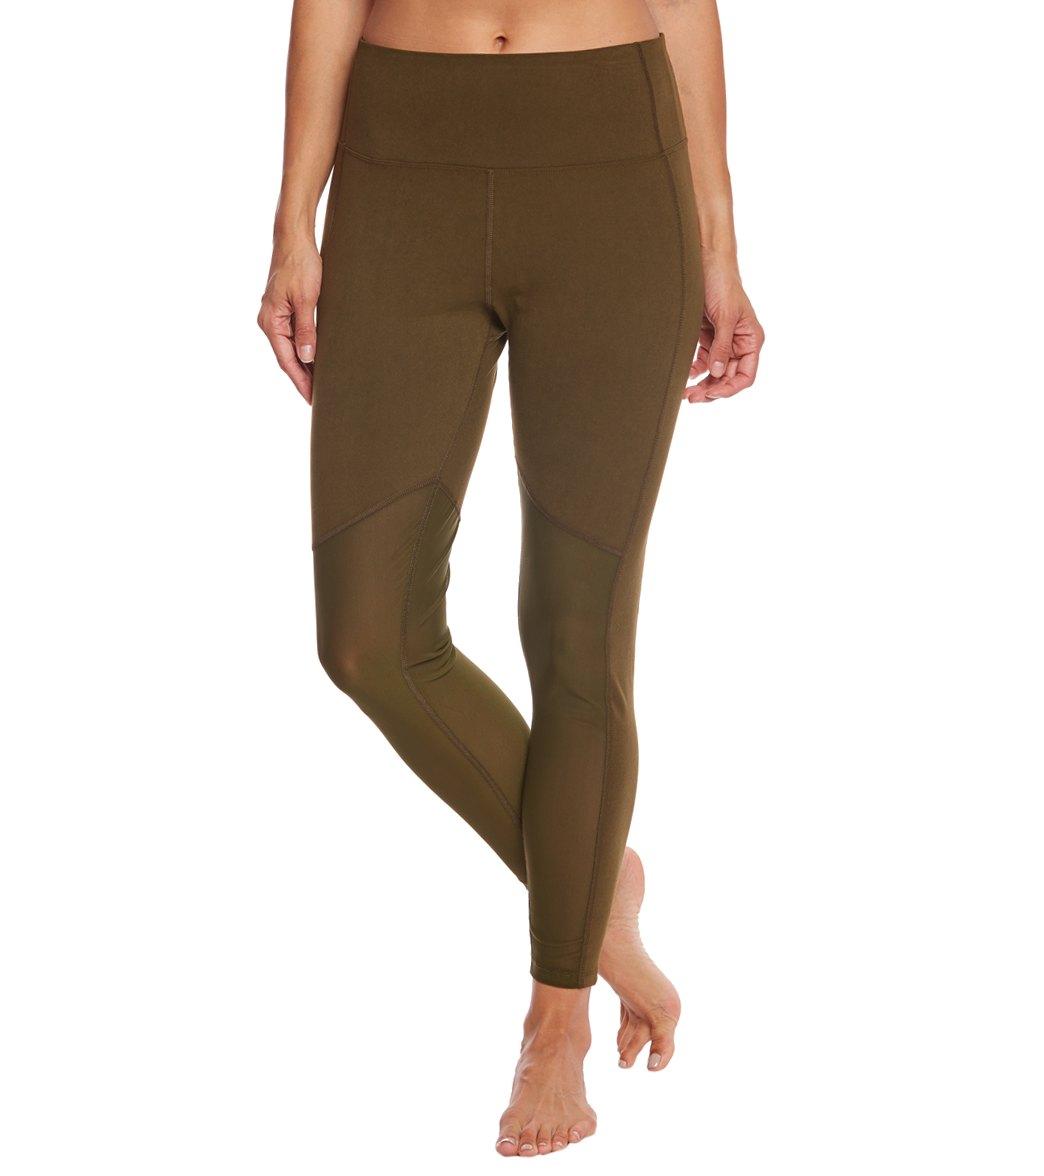 2b048f014a Marika Olivia Vented High Rise Tummy Control Yoga Leggings at ...